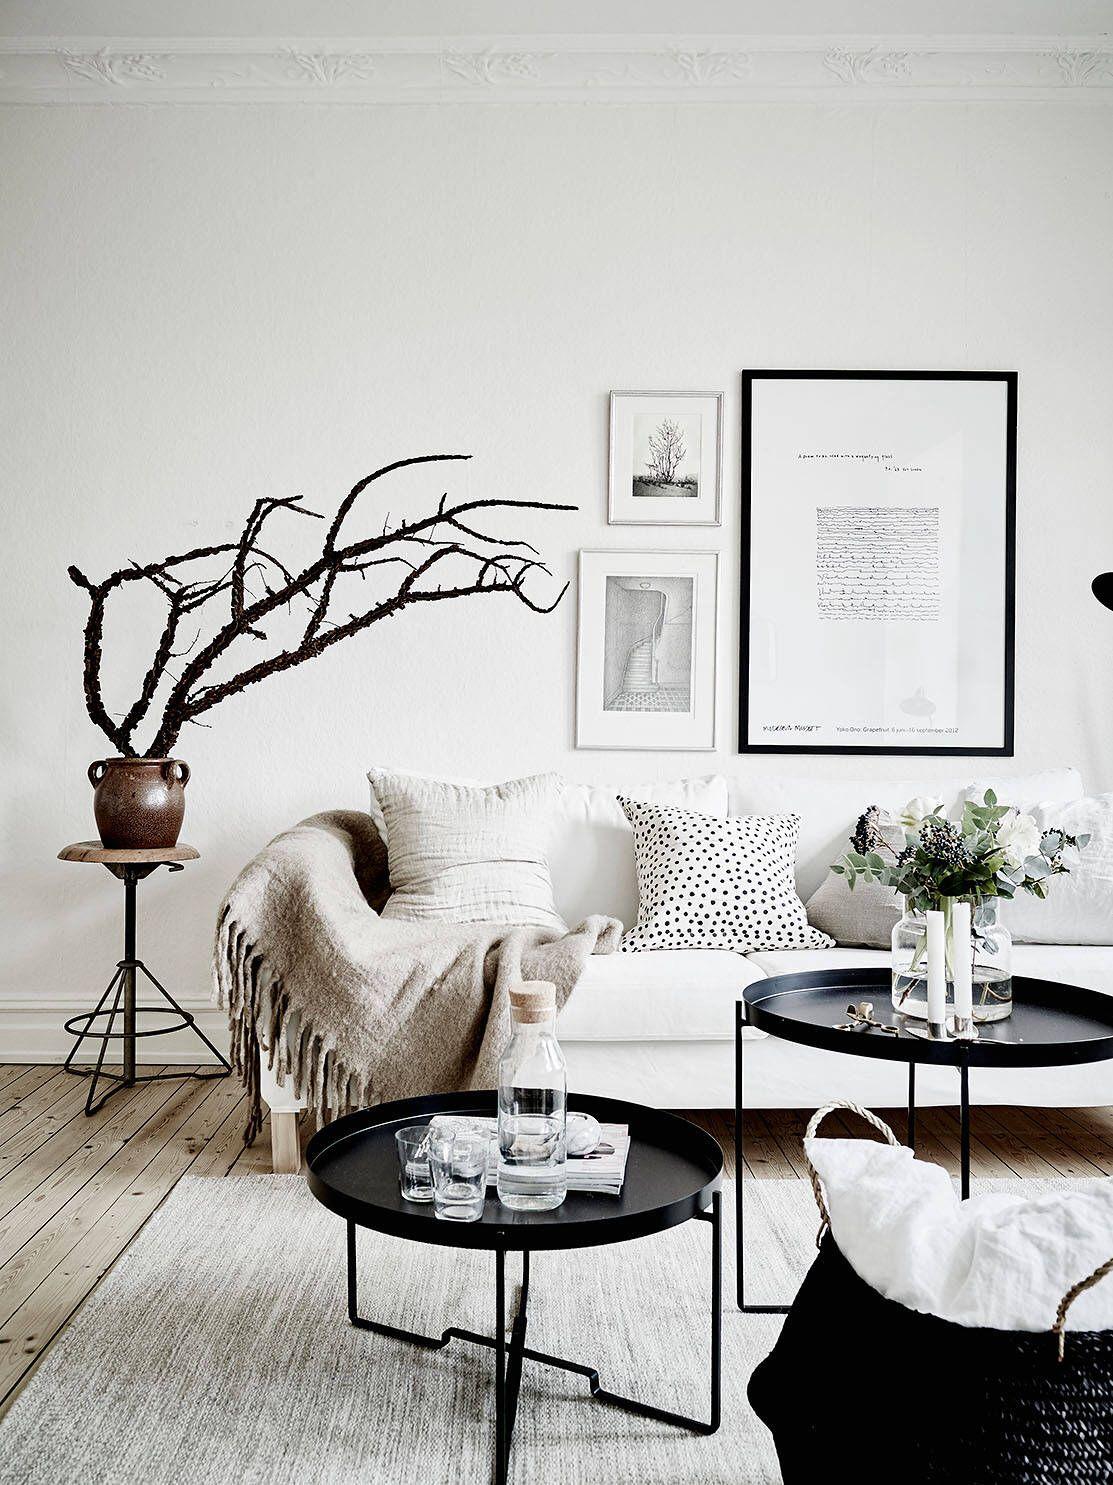 Pin von Mo Thygesen auf @ Bedroom | Pinterest | Wohnzimmer ...